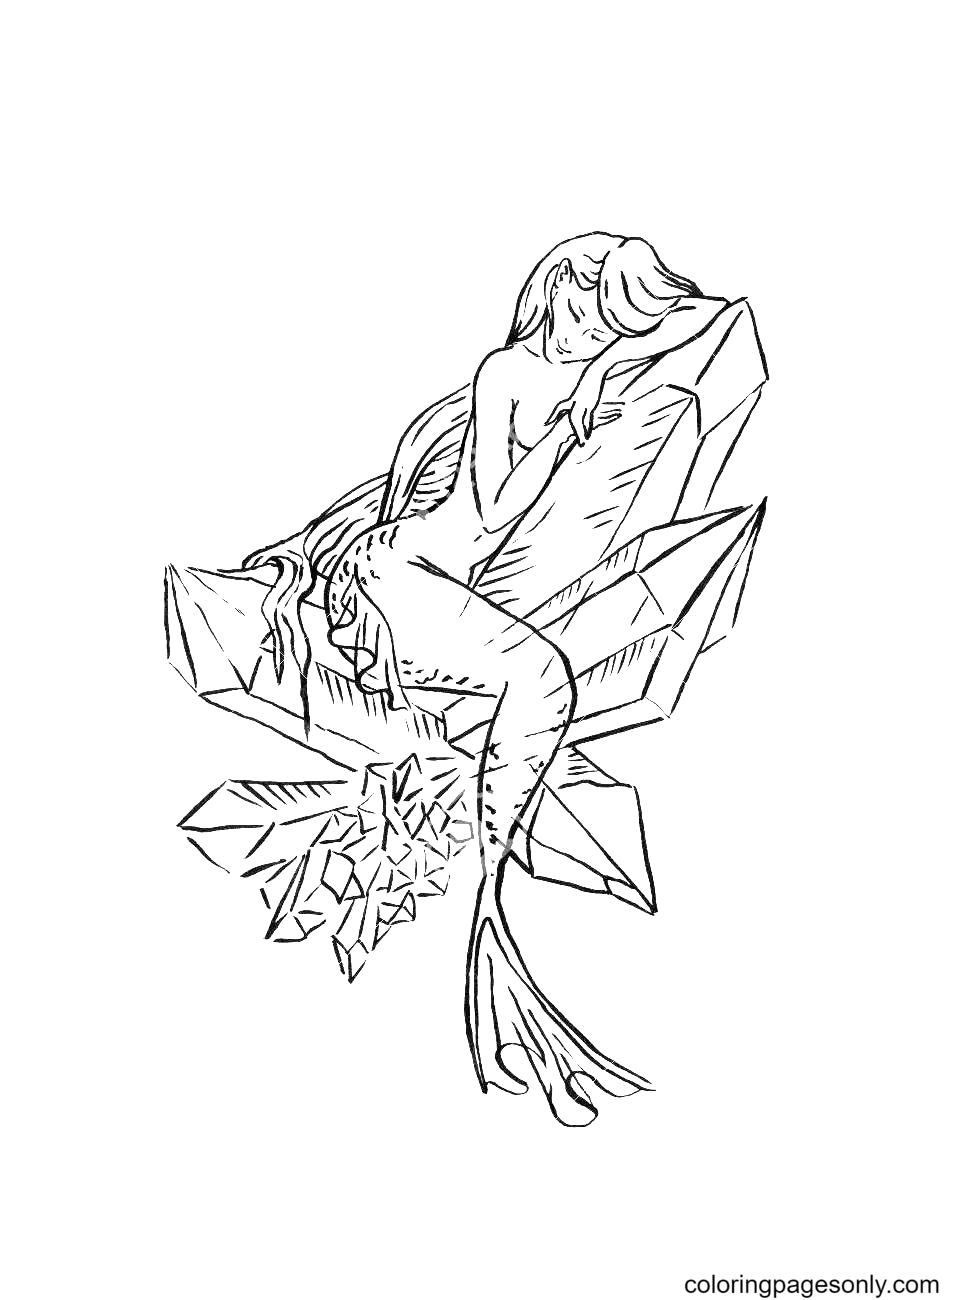 Crystal mermaid Coloring Page